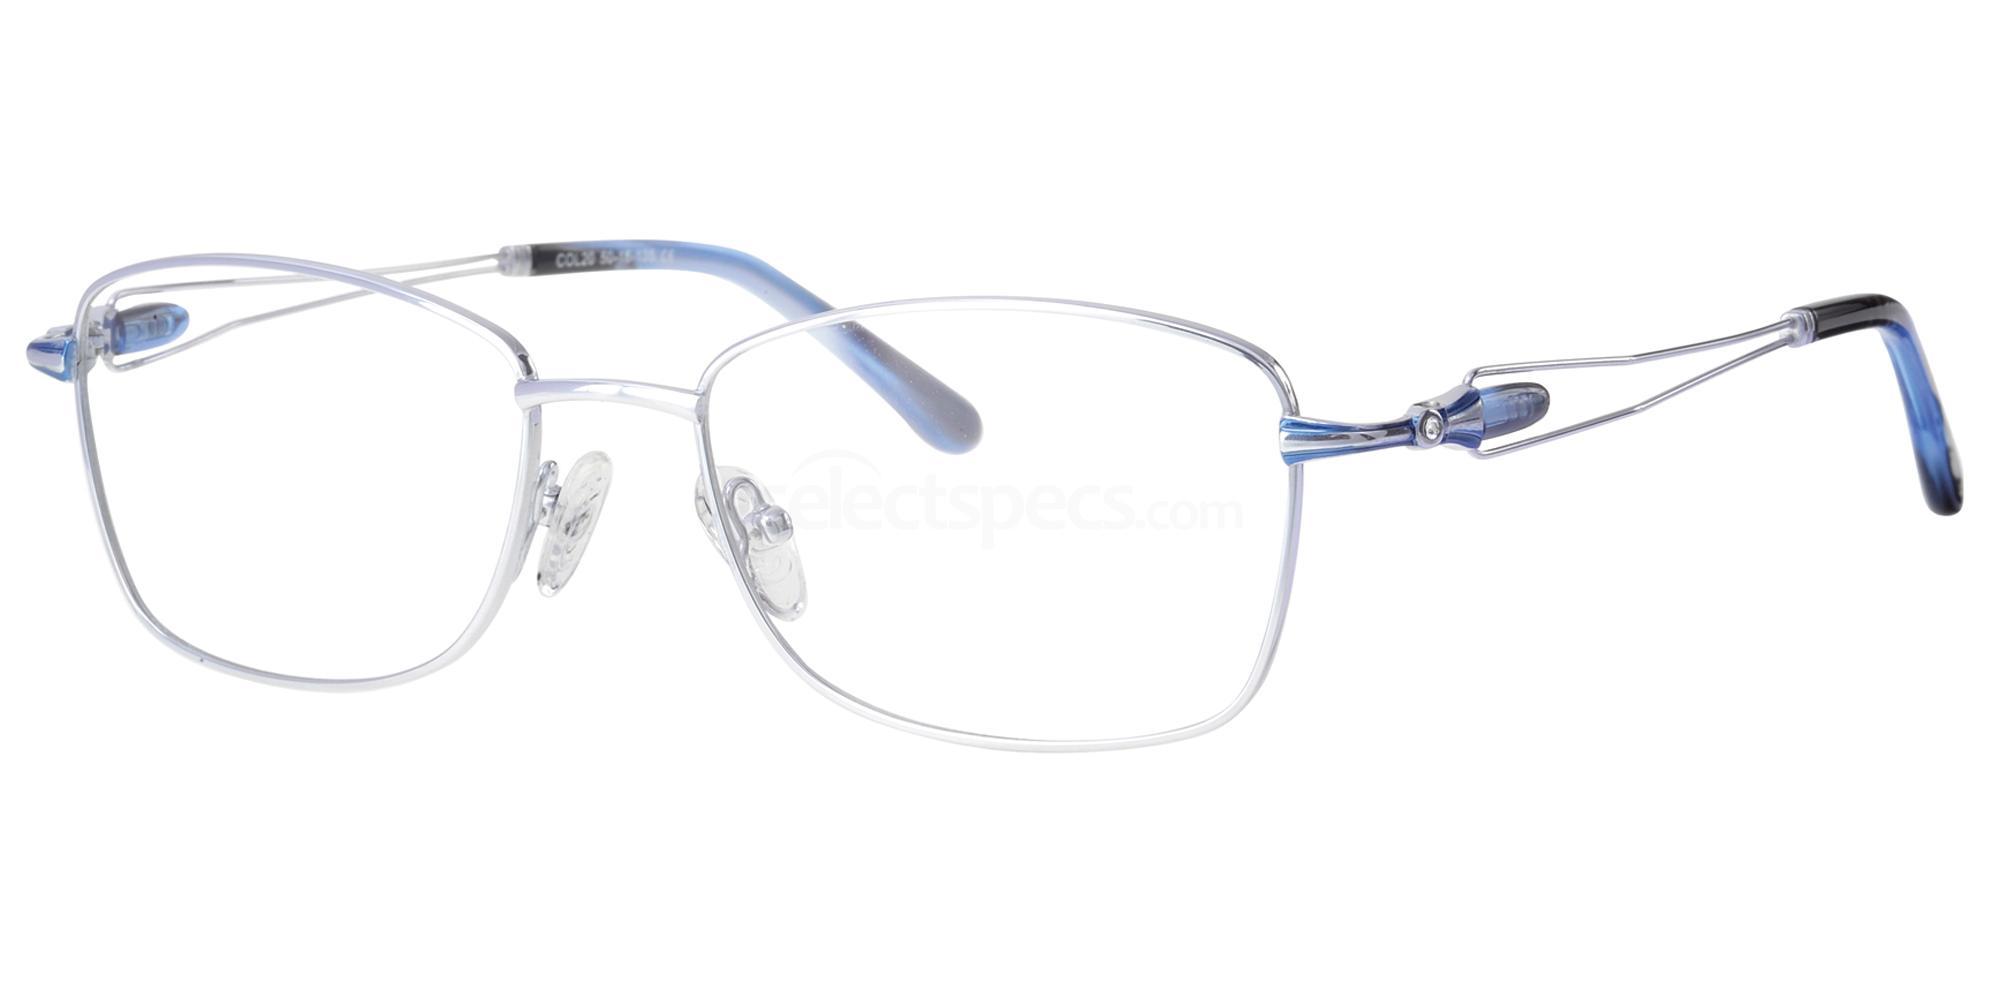 C20 724 Glasses, Ferucci Titanium